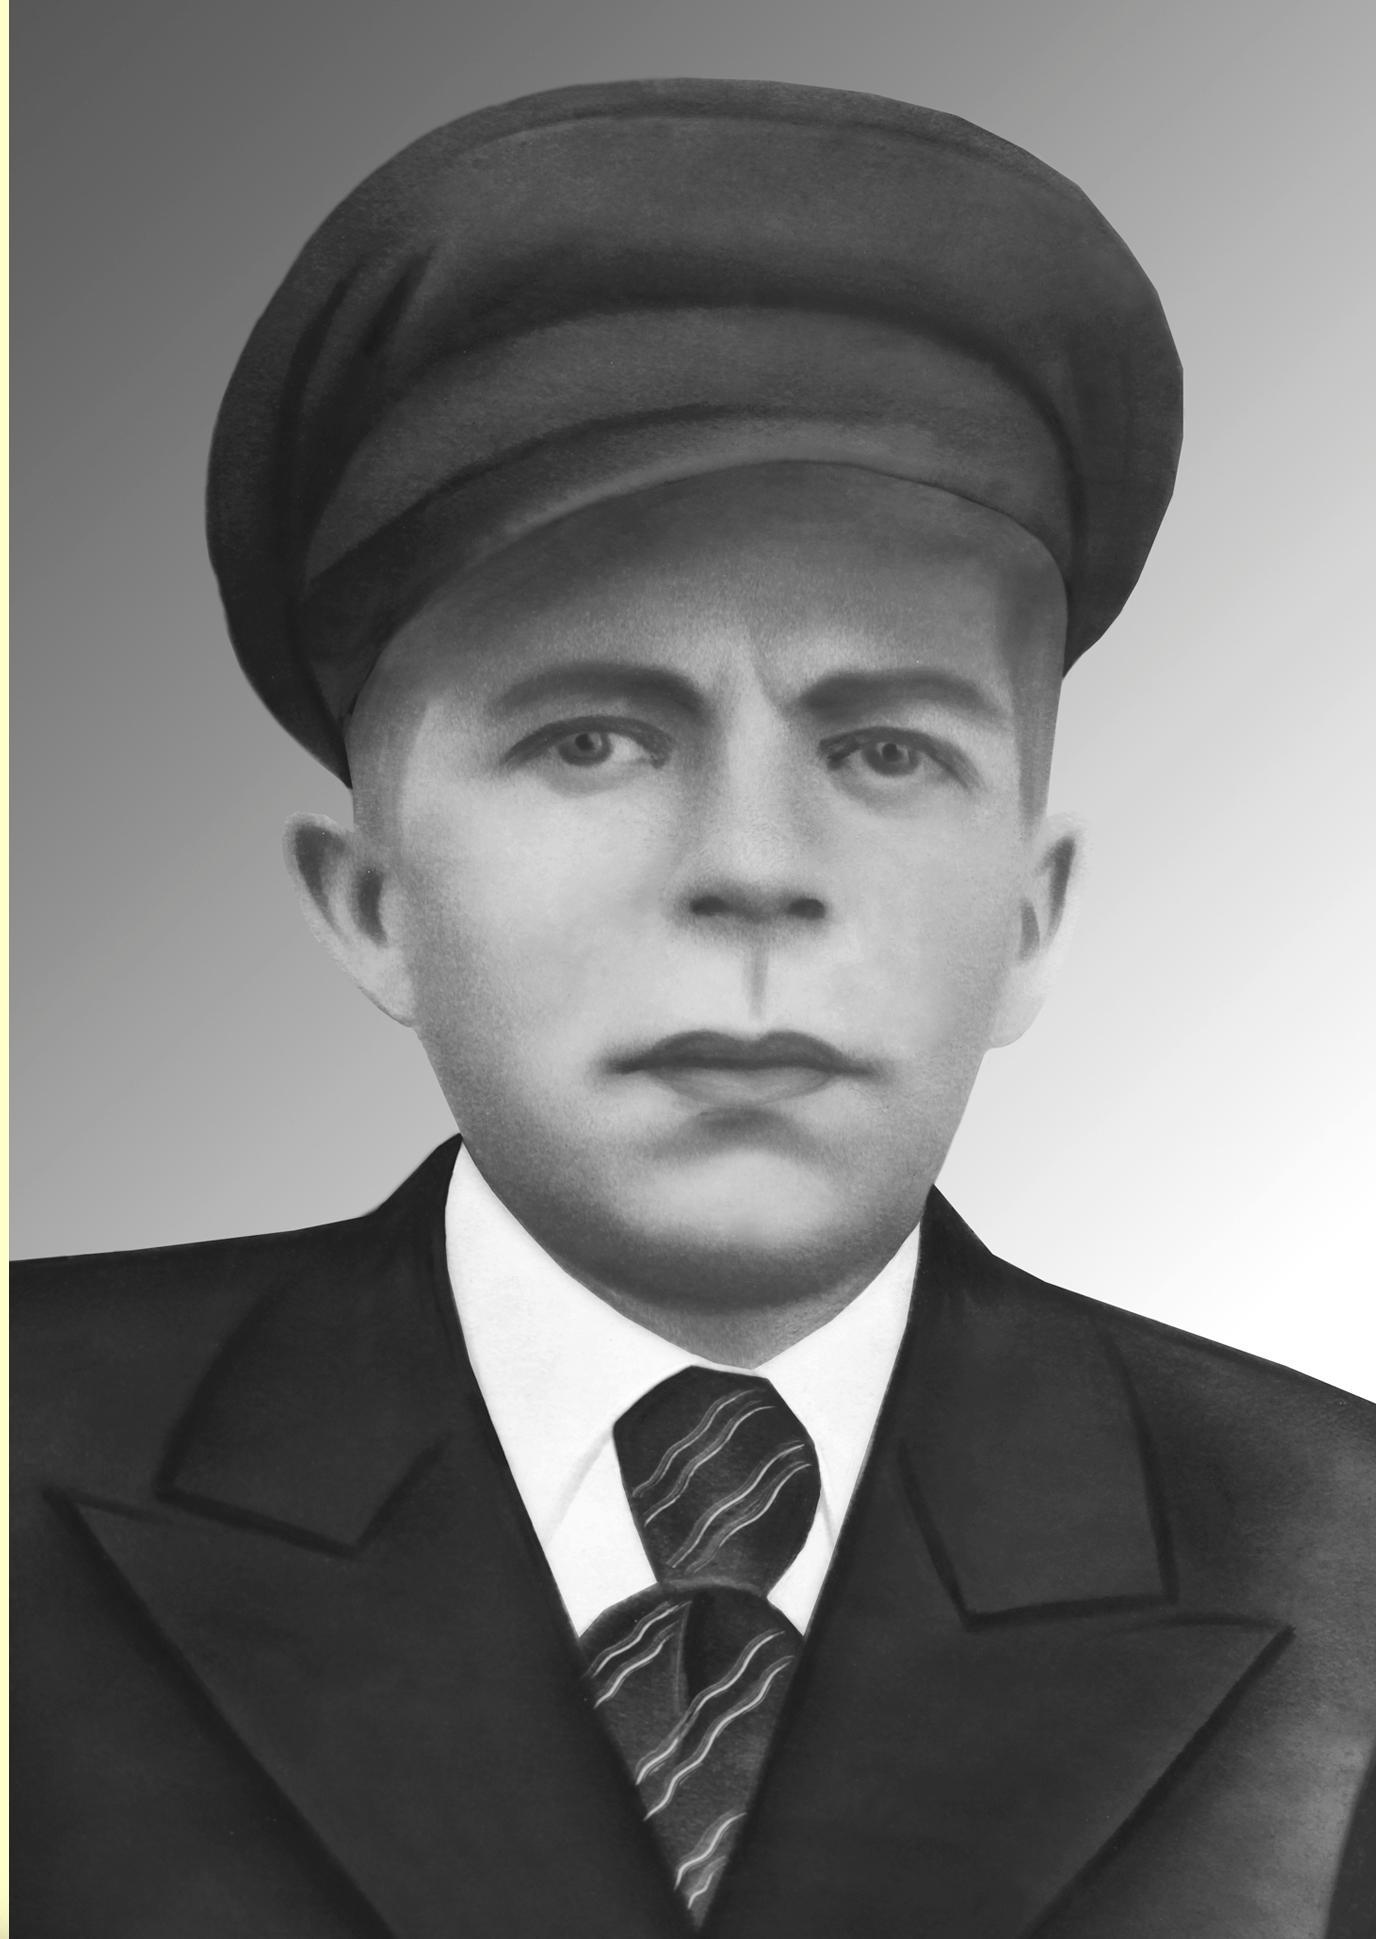 Усманов рафаэль тагирович